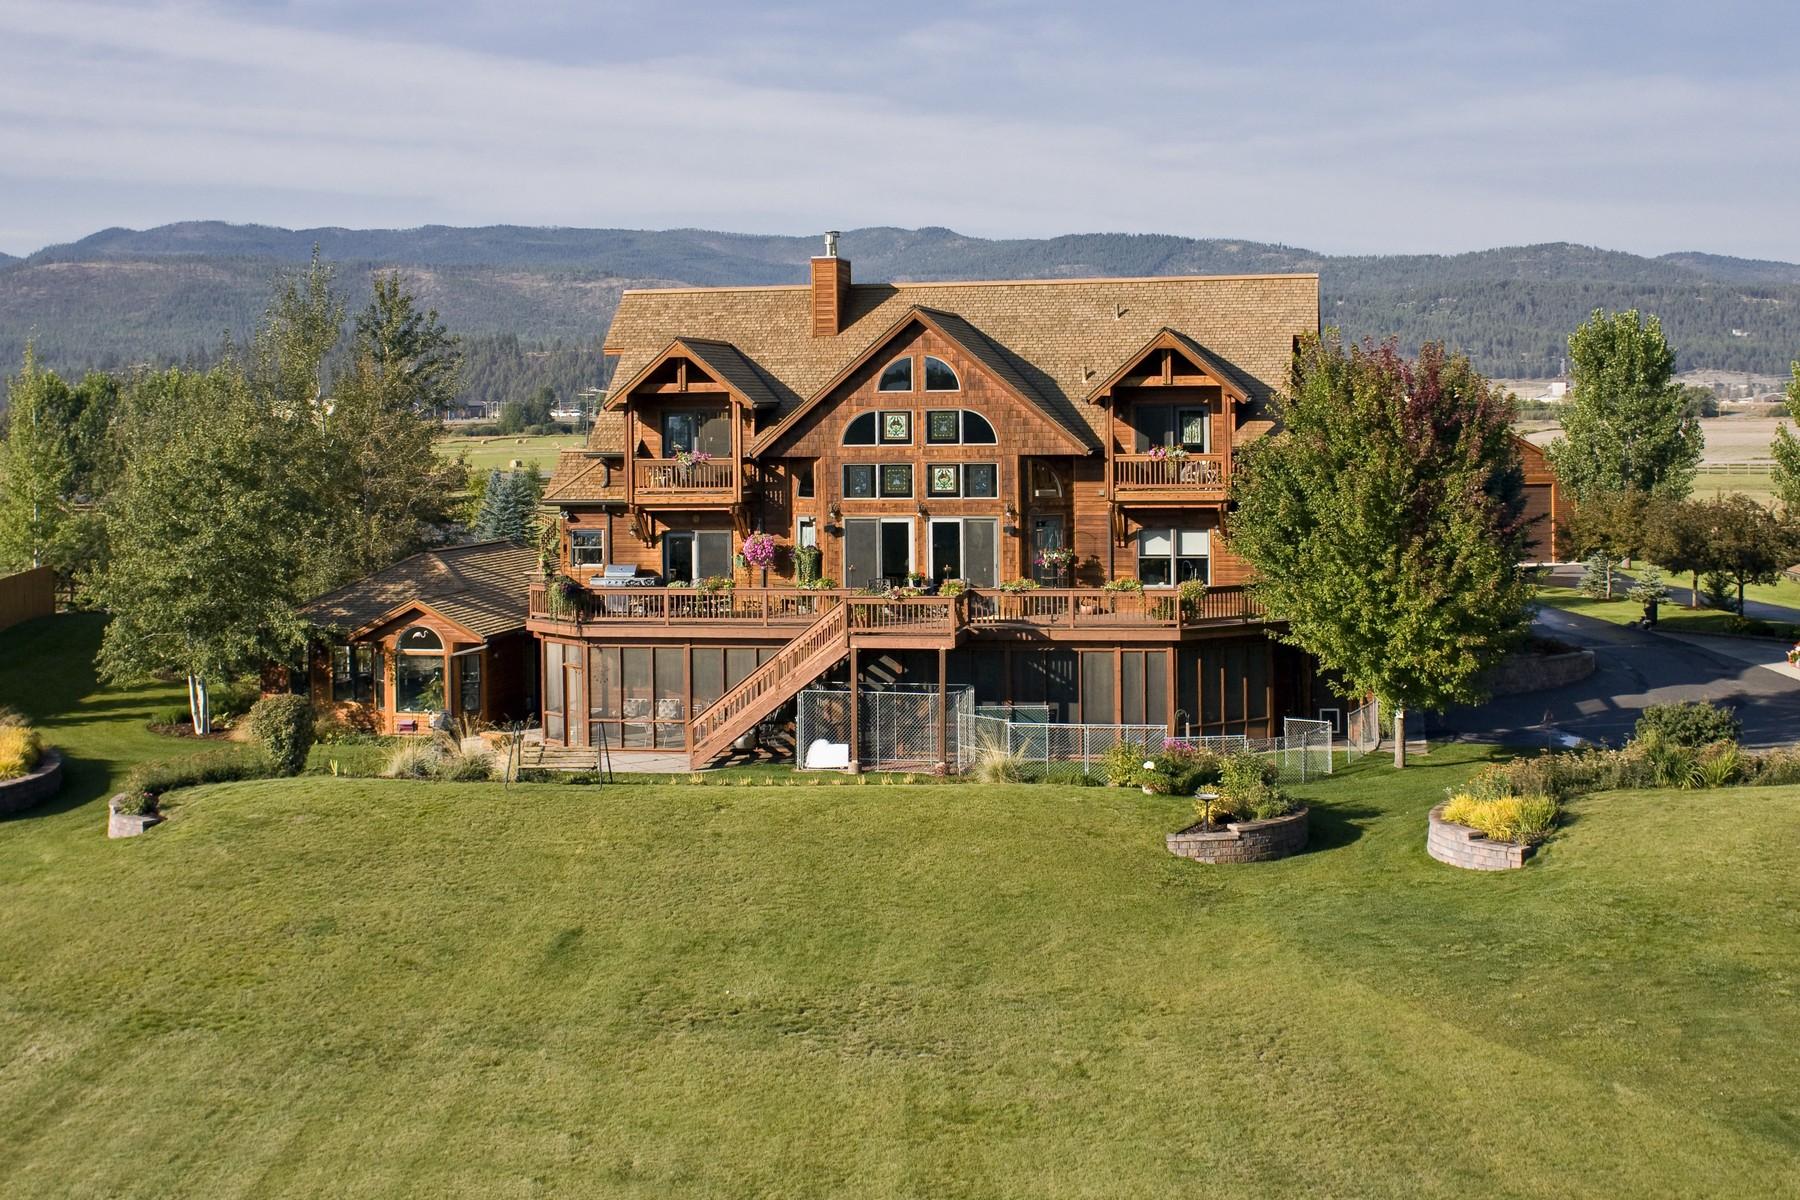 Einfamilienhaus für Verkauf beim Flathead River Home 767 Lower Valley Rd Kalispell, Montana, 59901 Vereinigte Staaten